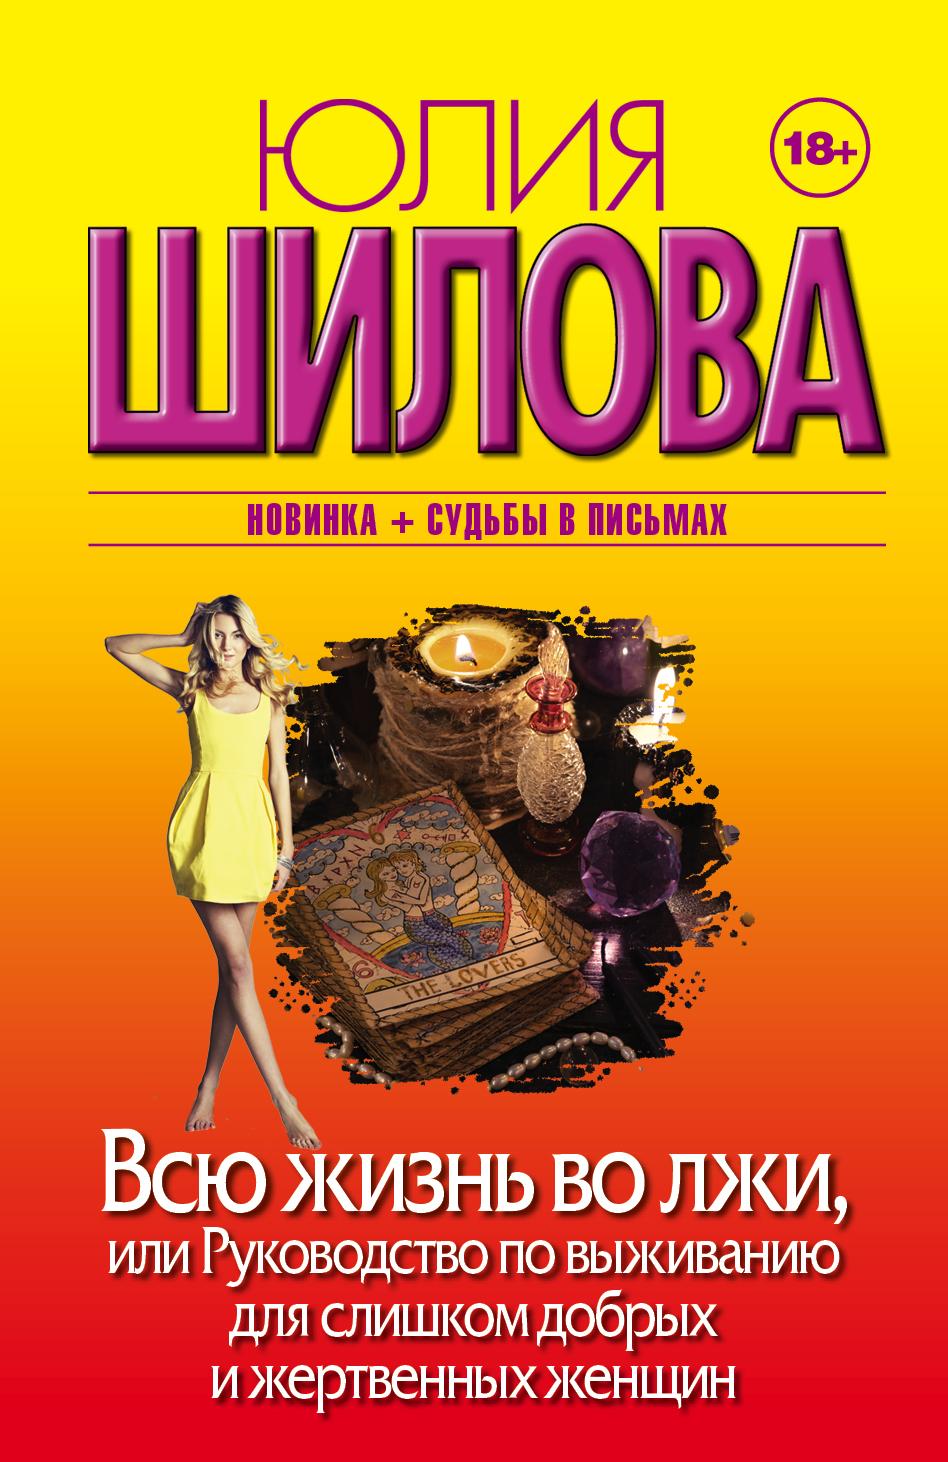 Юлия Шилова Всю жизнь во лжи, или Руководство по выживанию для слишком добрых и жертвенных женщин наталья метелева добровольная жертва